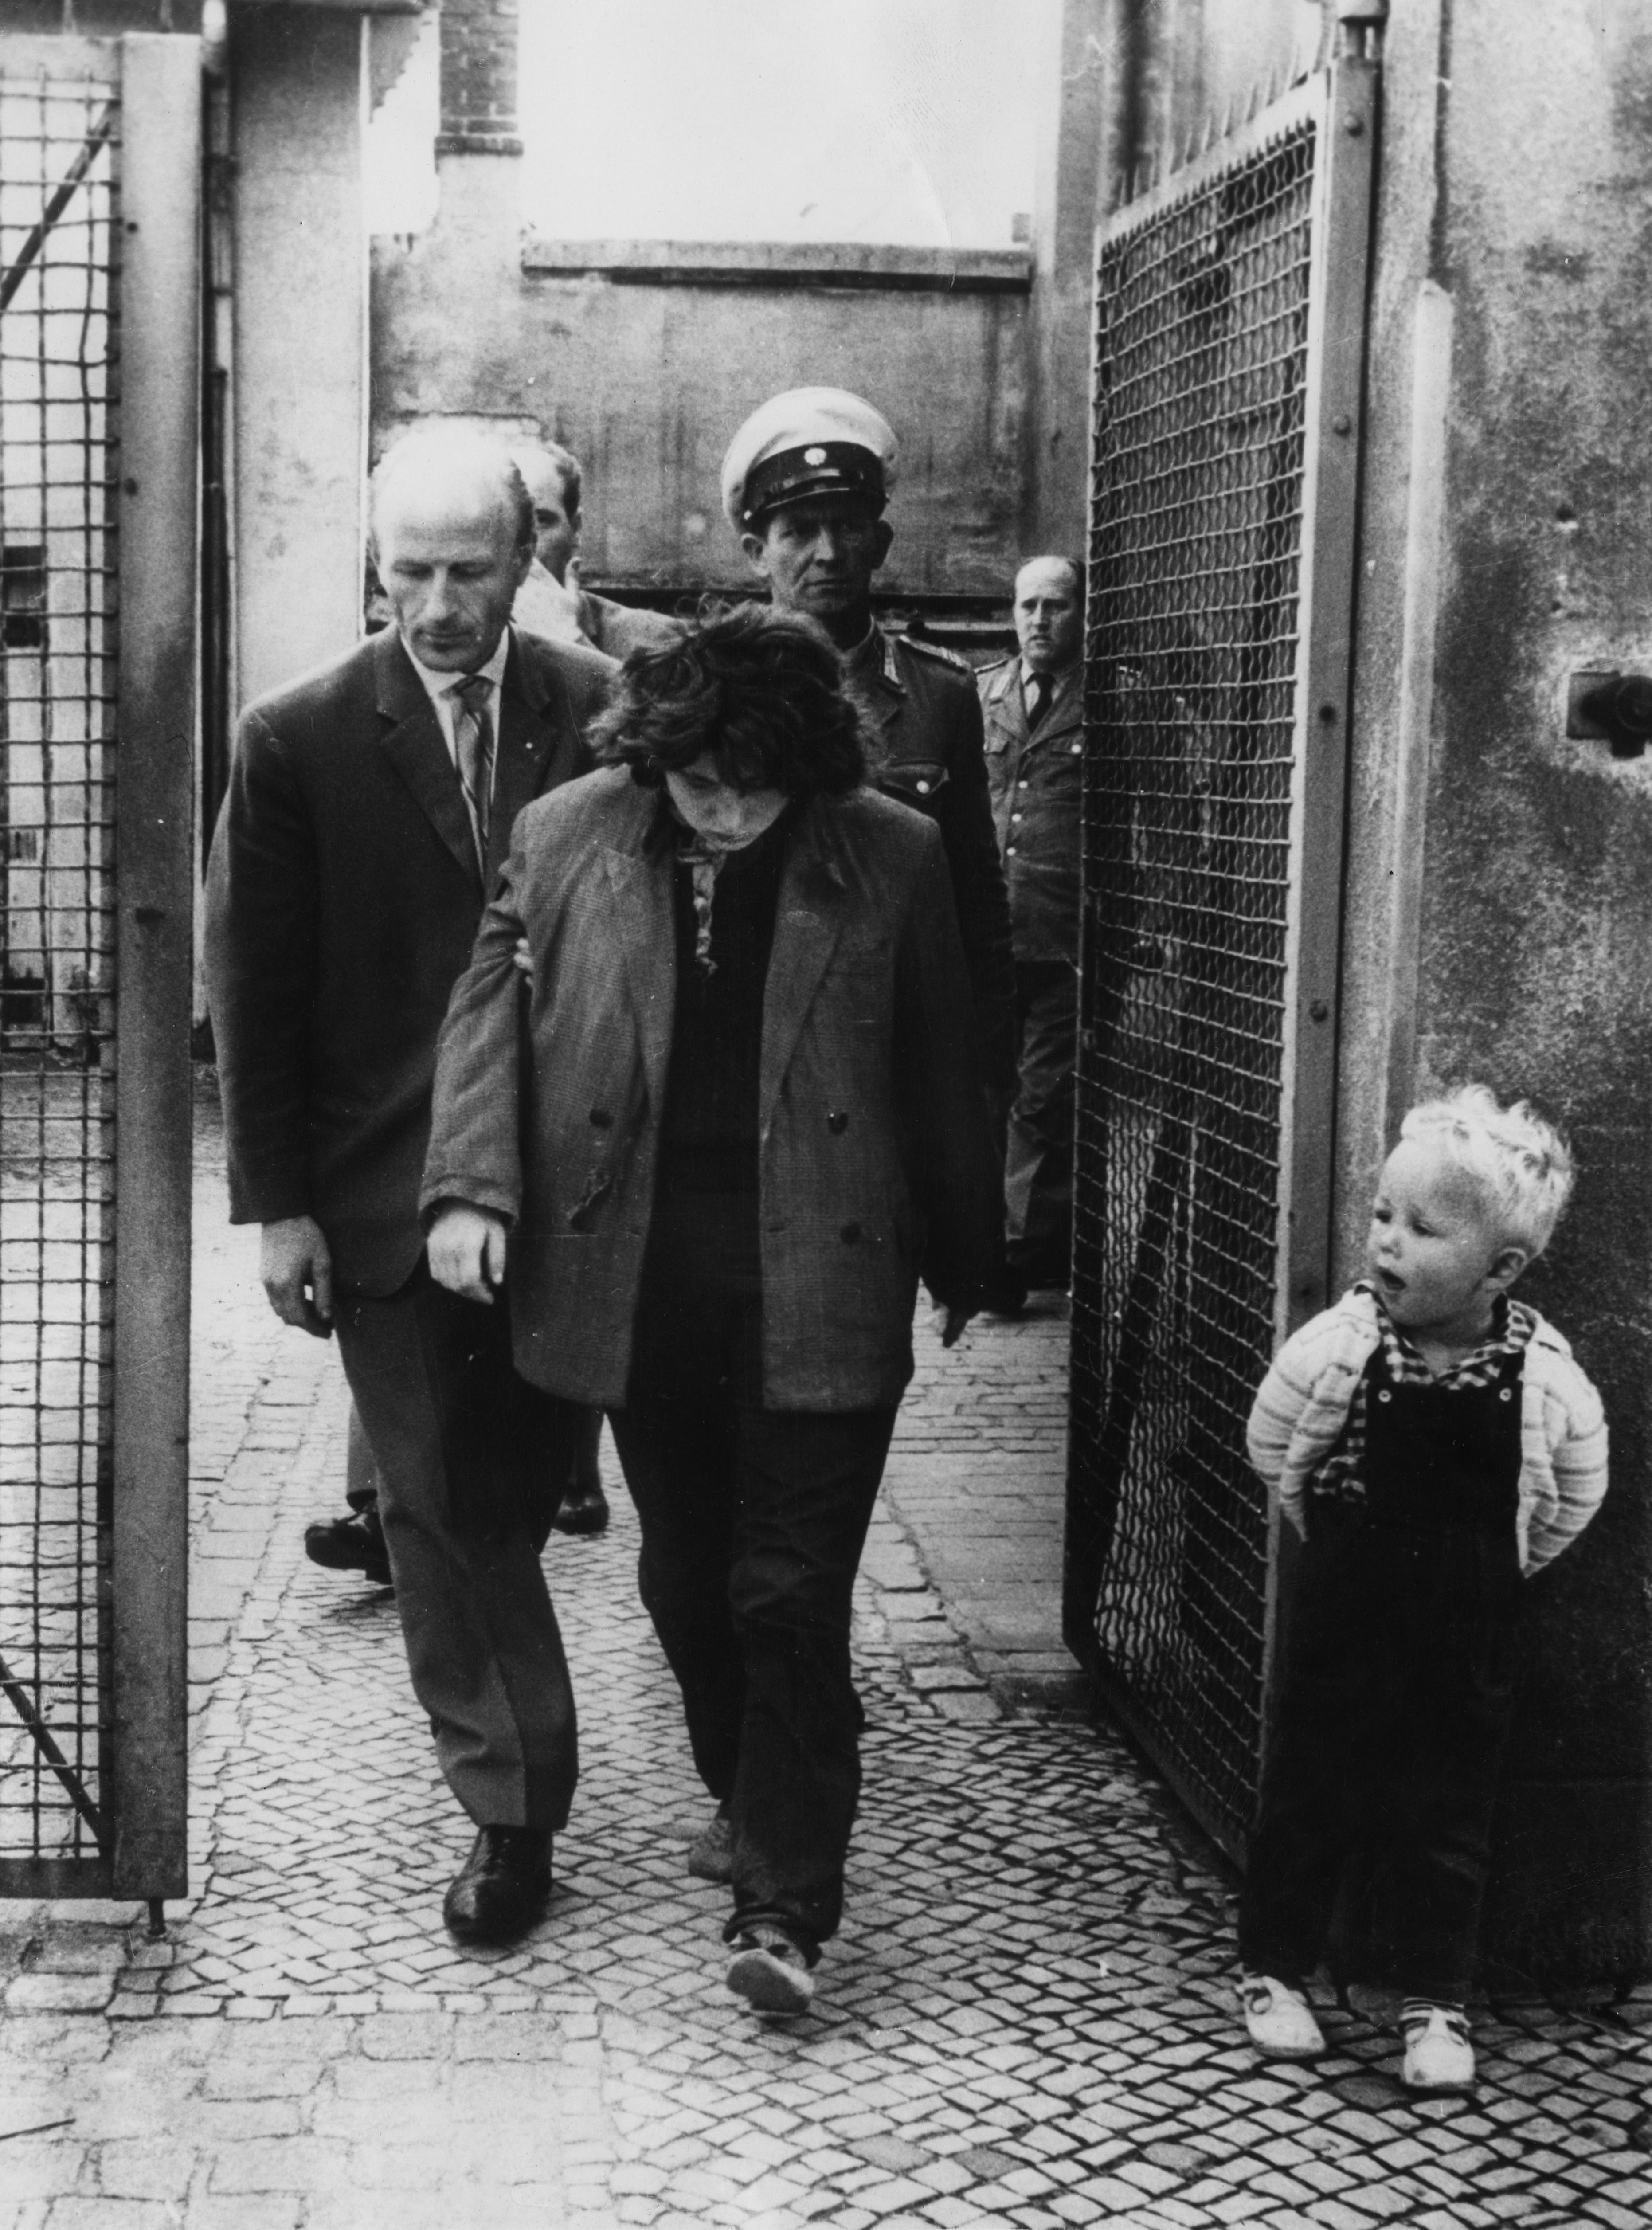 <p>Млада източногерманка е изведена от полицейски участък в западната част на Берлин, след като е успяла да избяга през Берлинската стена.&nbsp;</p>